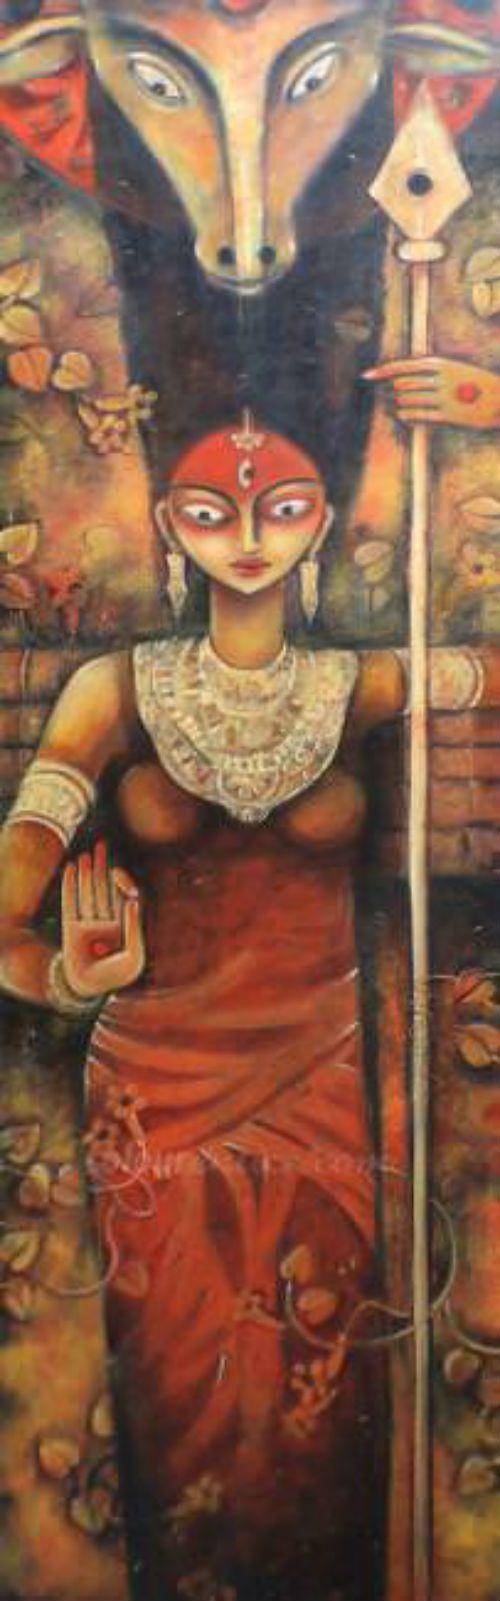 Buy Paintings Online by Artist Samar Basak - Gouri - CE101001